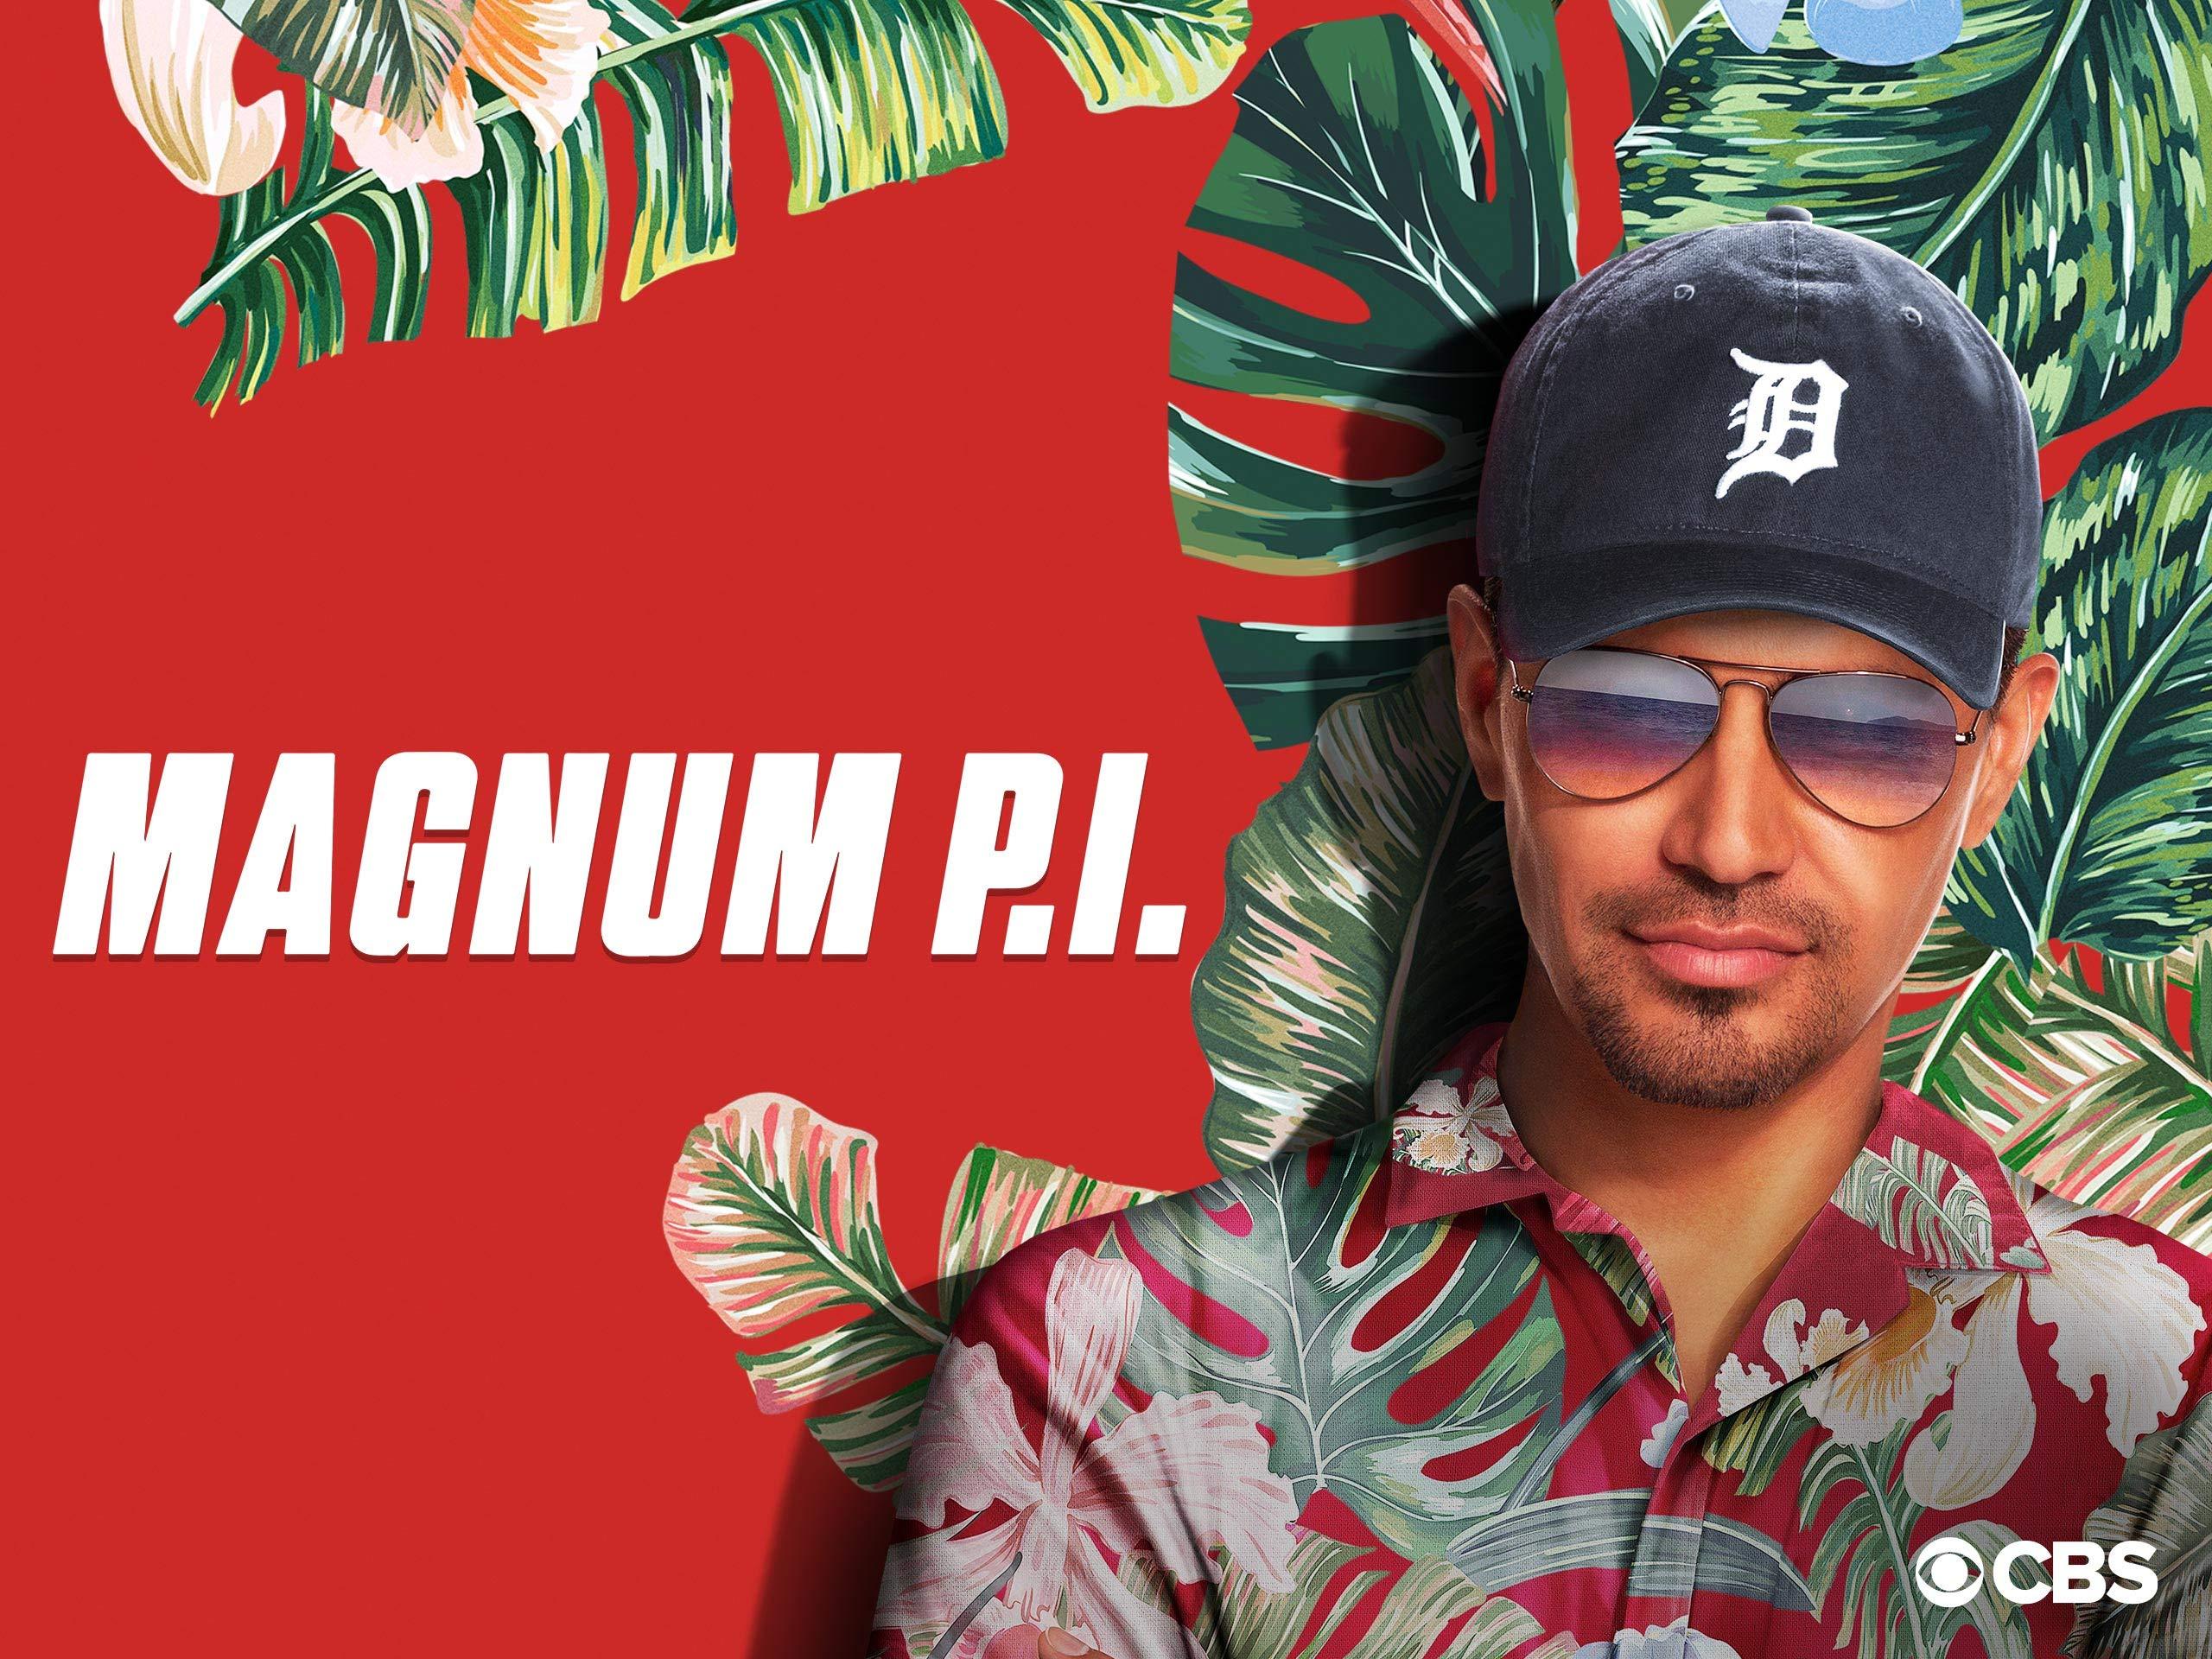 magnum pi 2018 episode 1 watch online free